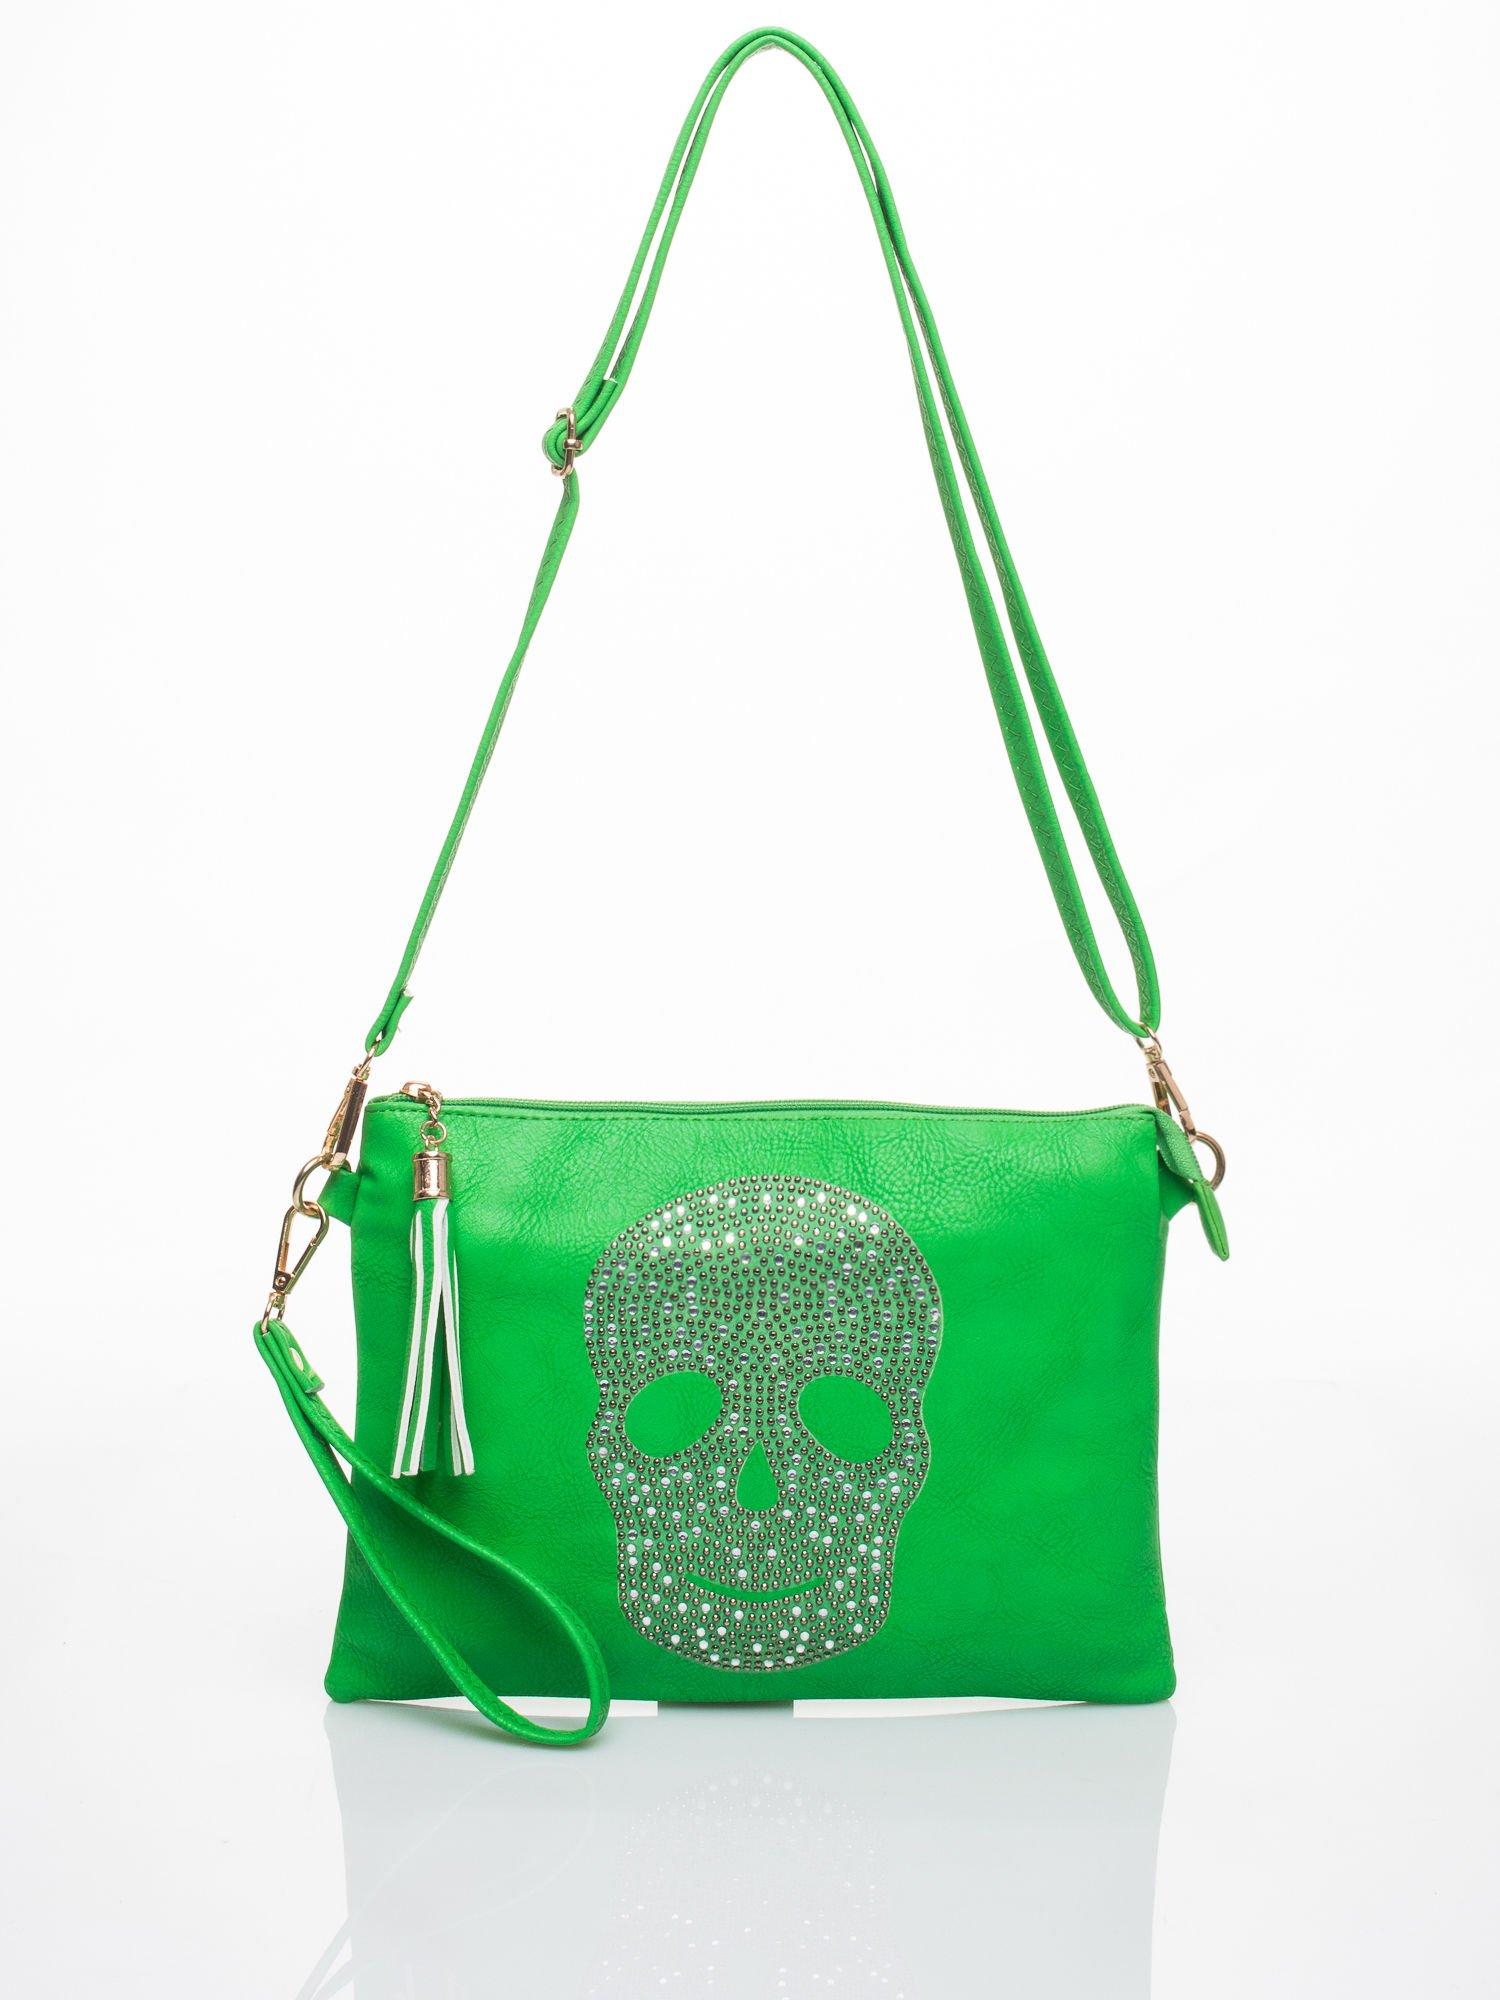 Zielona kopertówka z dżetami motyw czaszki                                  zdj.                                  3